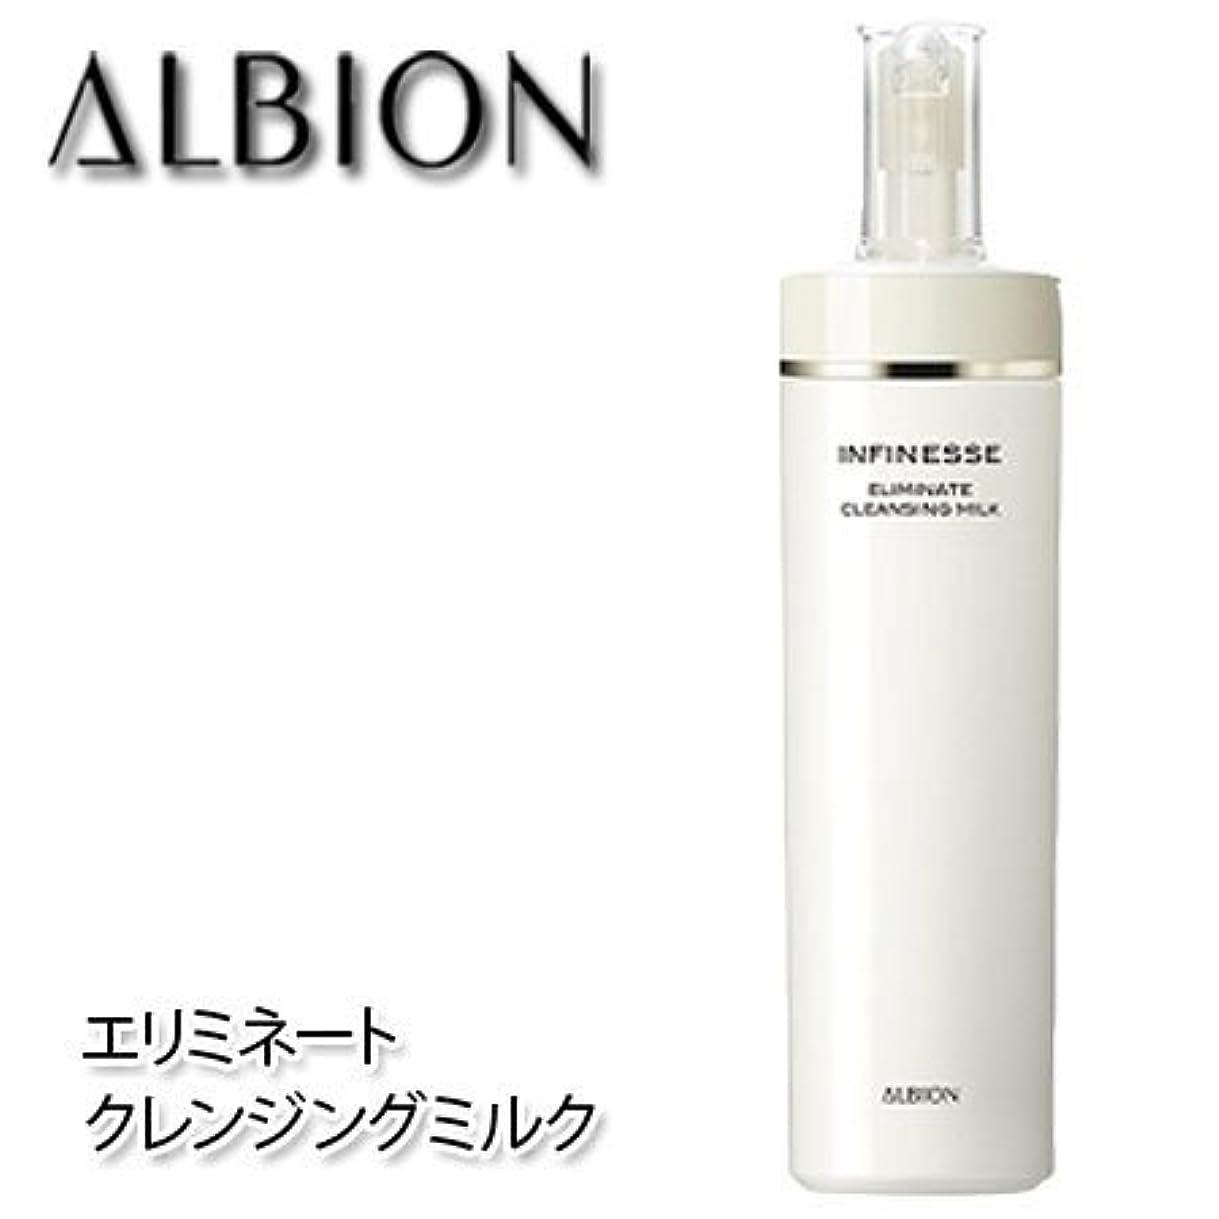 職業不忠共同選択アルビオン アンフィネス エリミネート クレンジングミルク 200g-ALBION-